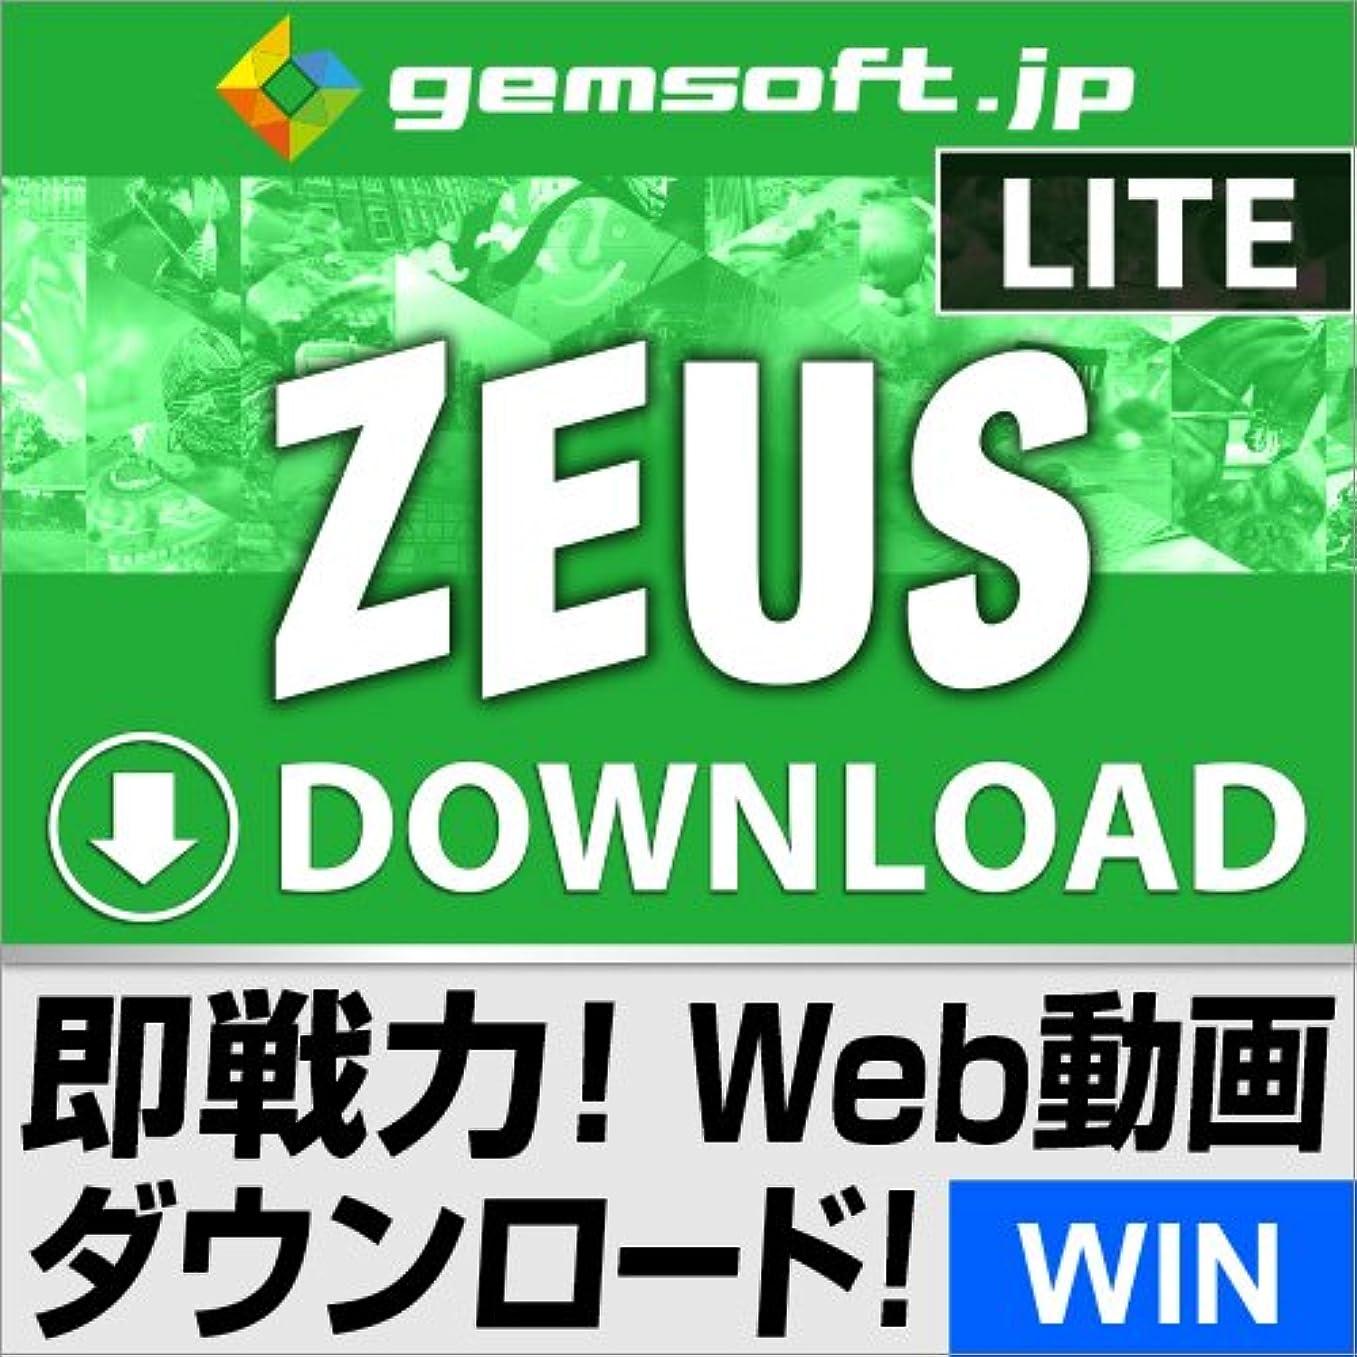 寛大な祭司好意ZEUS DOWNLOAD LITE ダウンロードの即戦力 ~Web動画をダウンロード Windows版|ダウンロード版